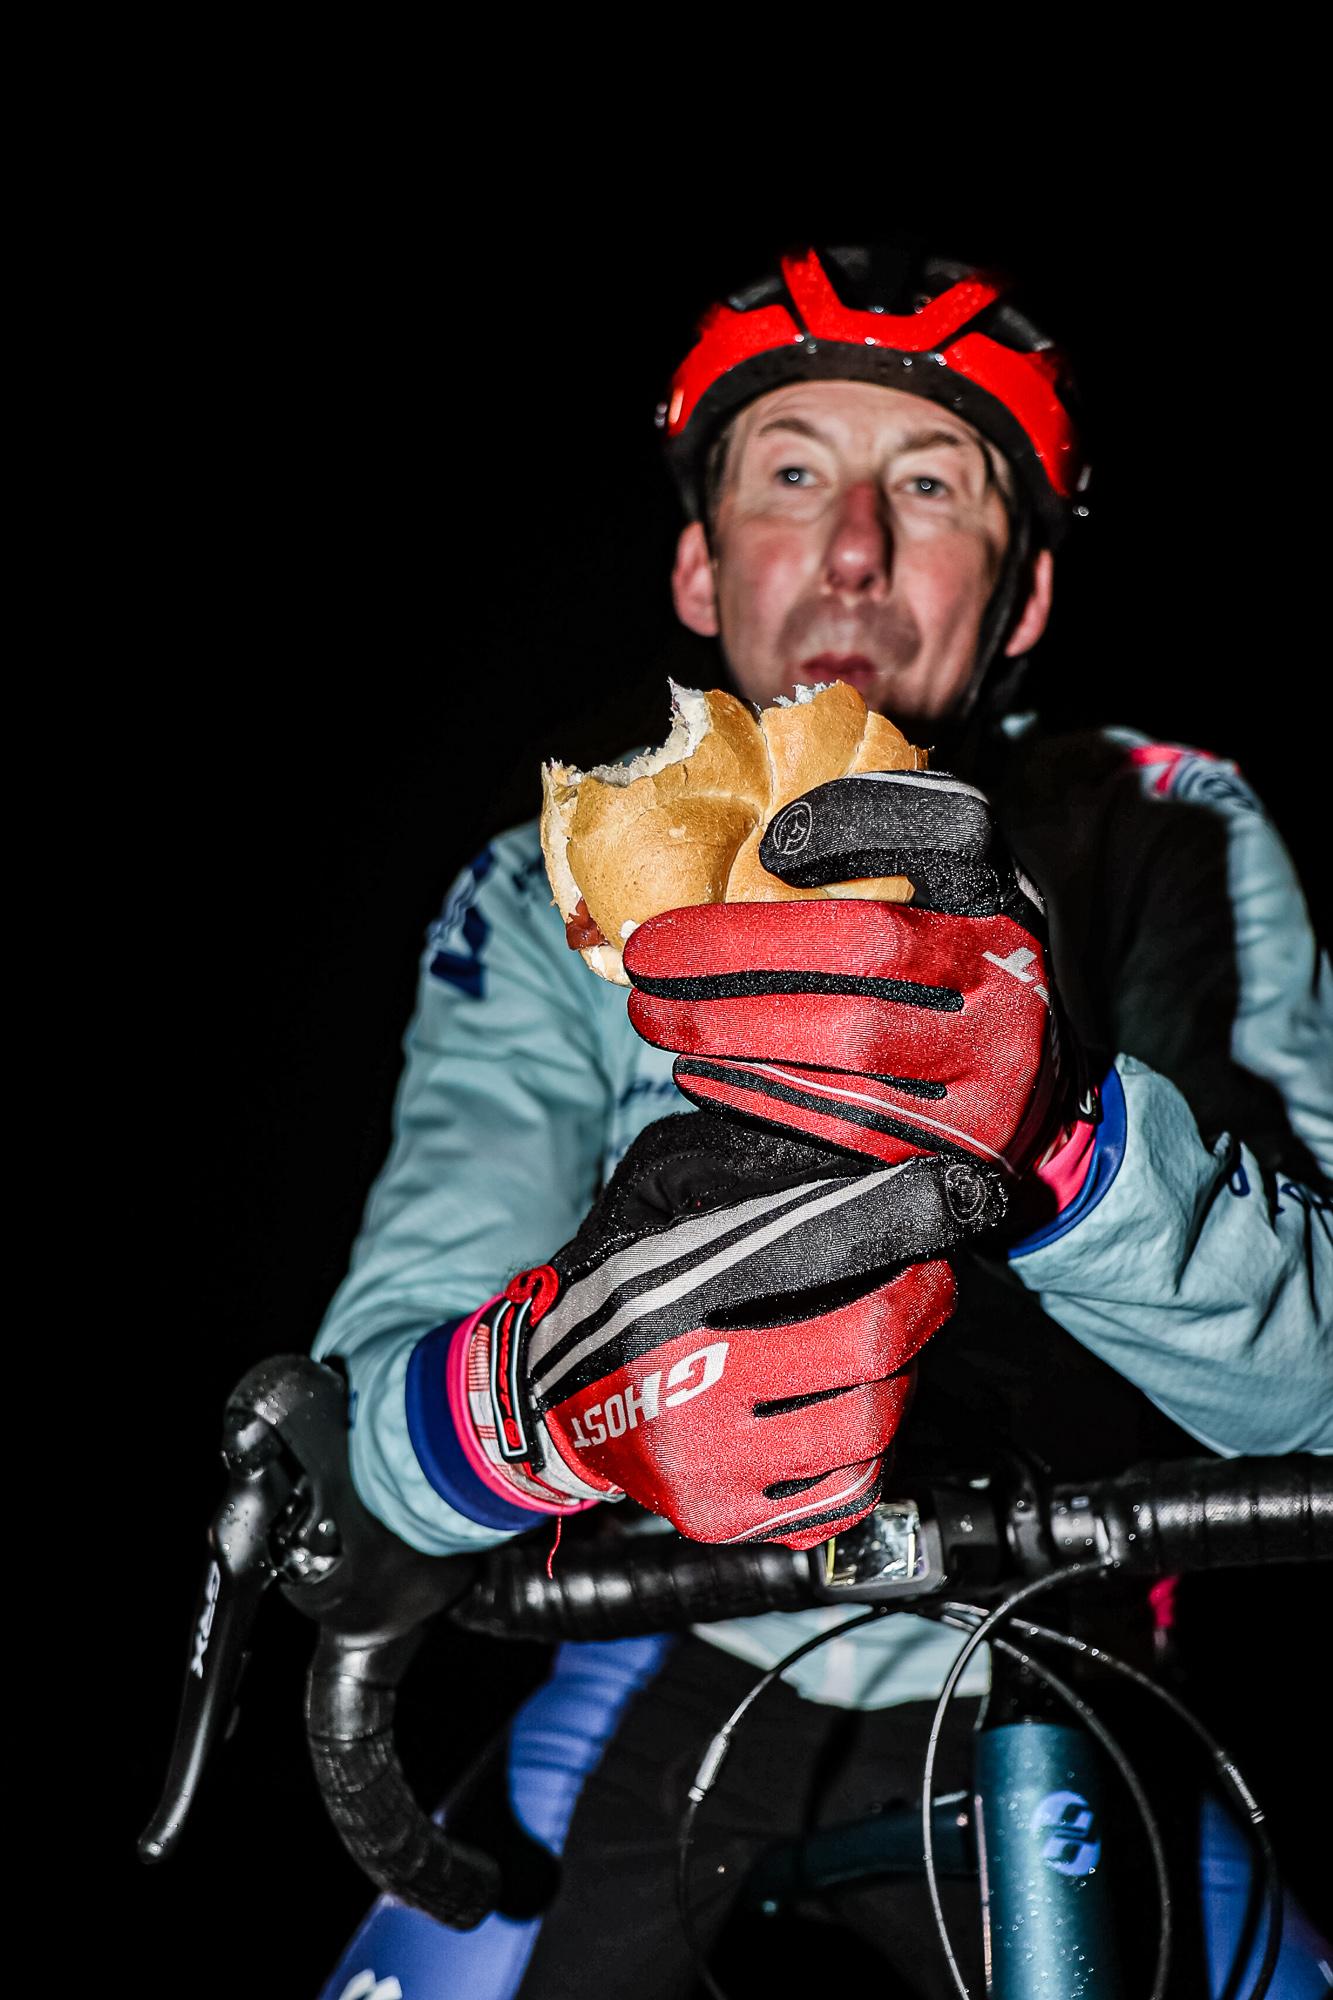 Extremsportler Guido Kunze isst mitten in der Nacht ein Brötchen.